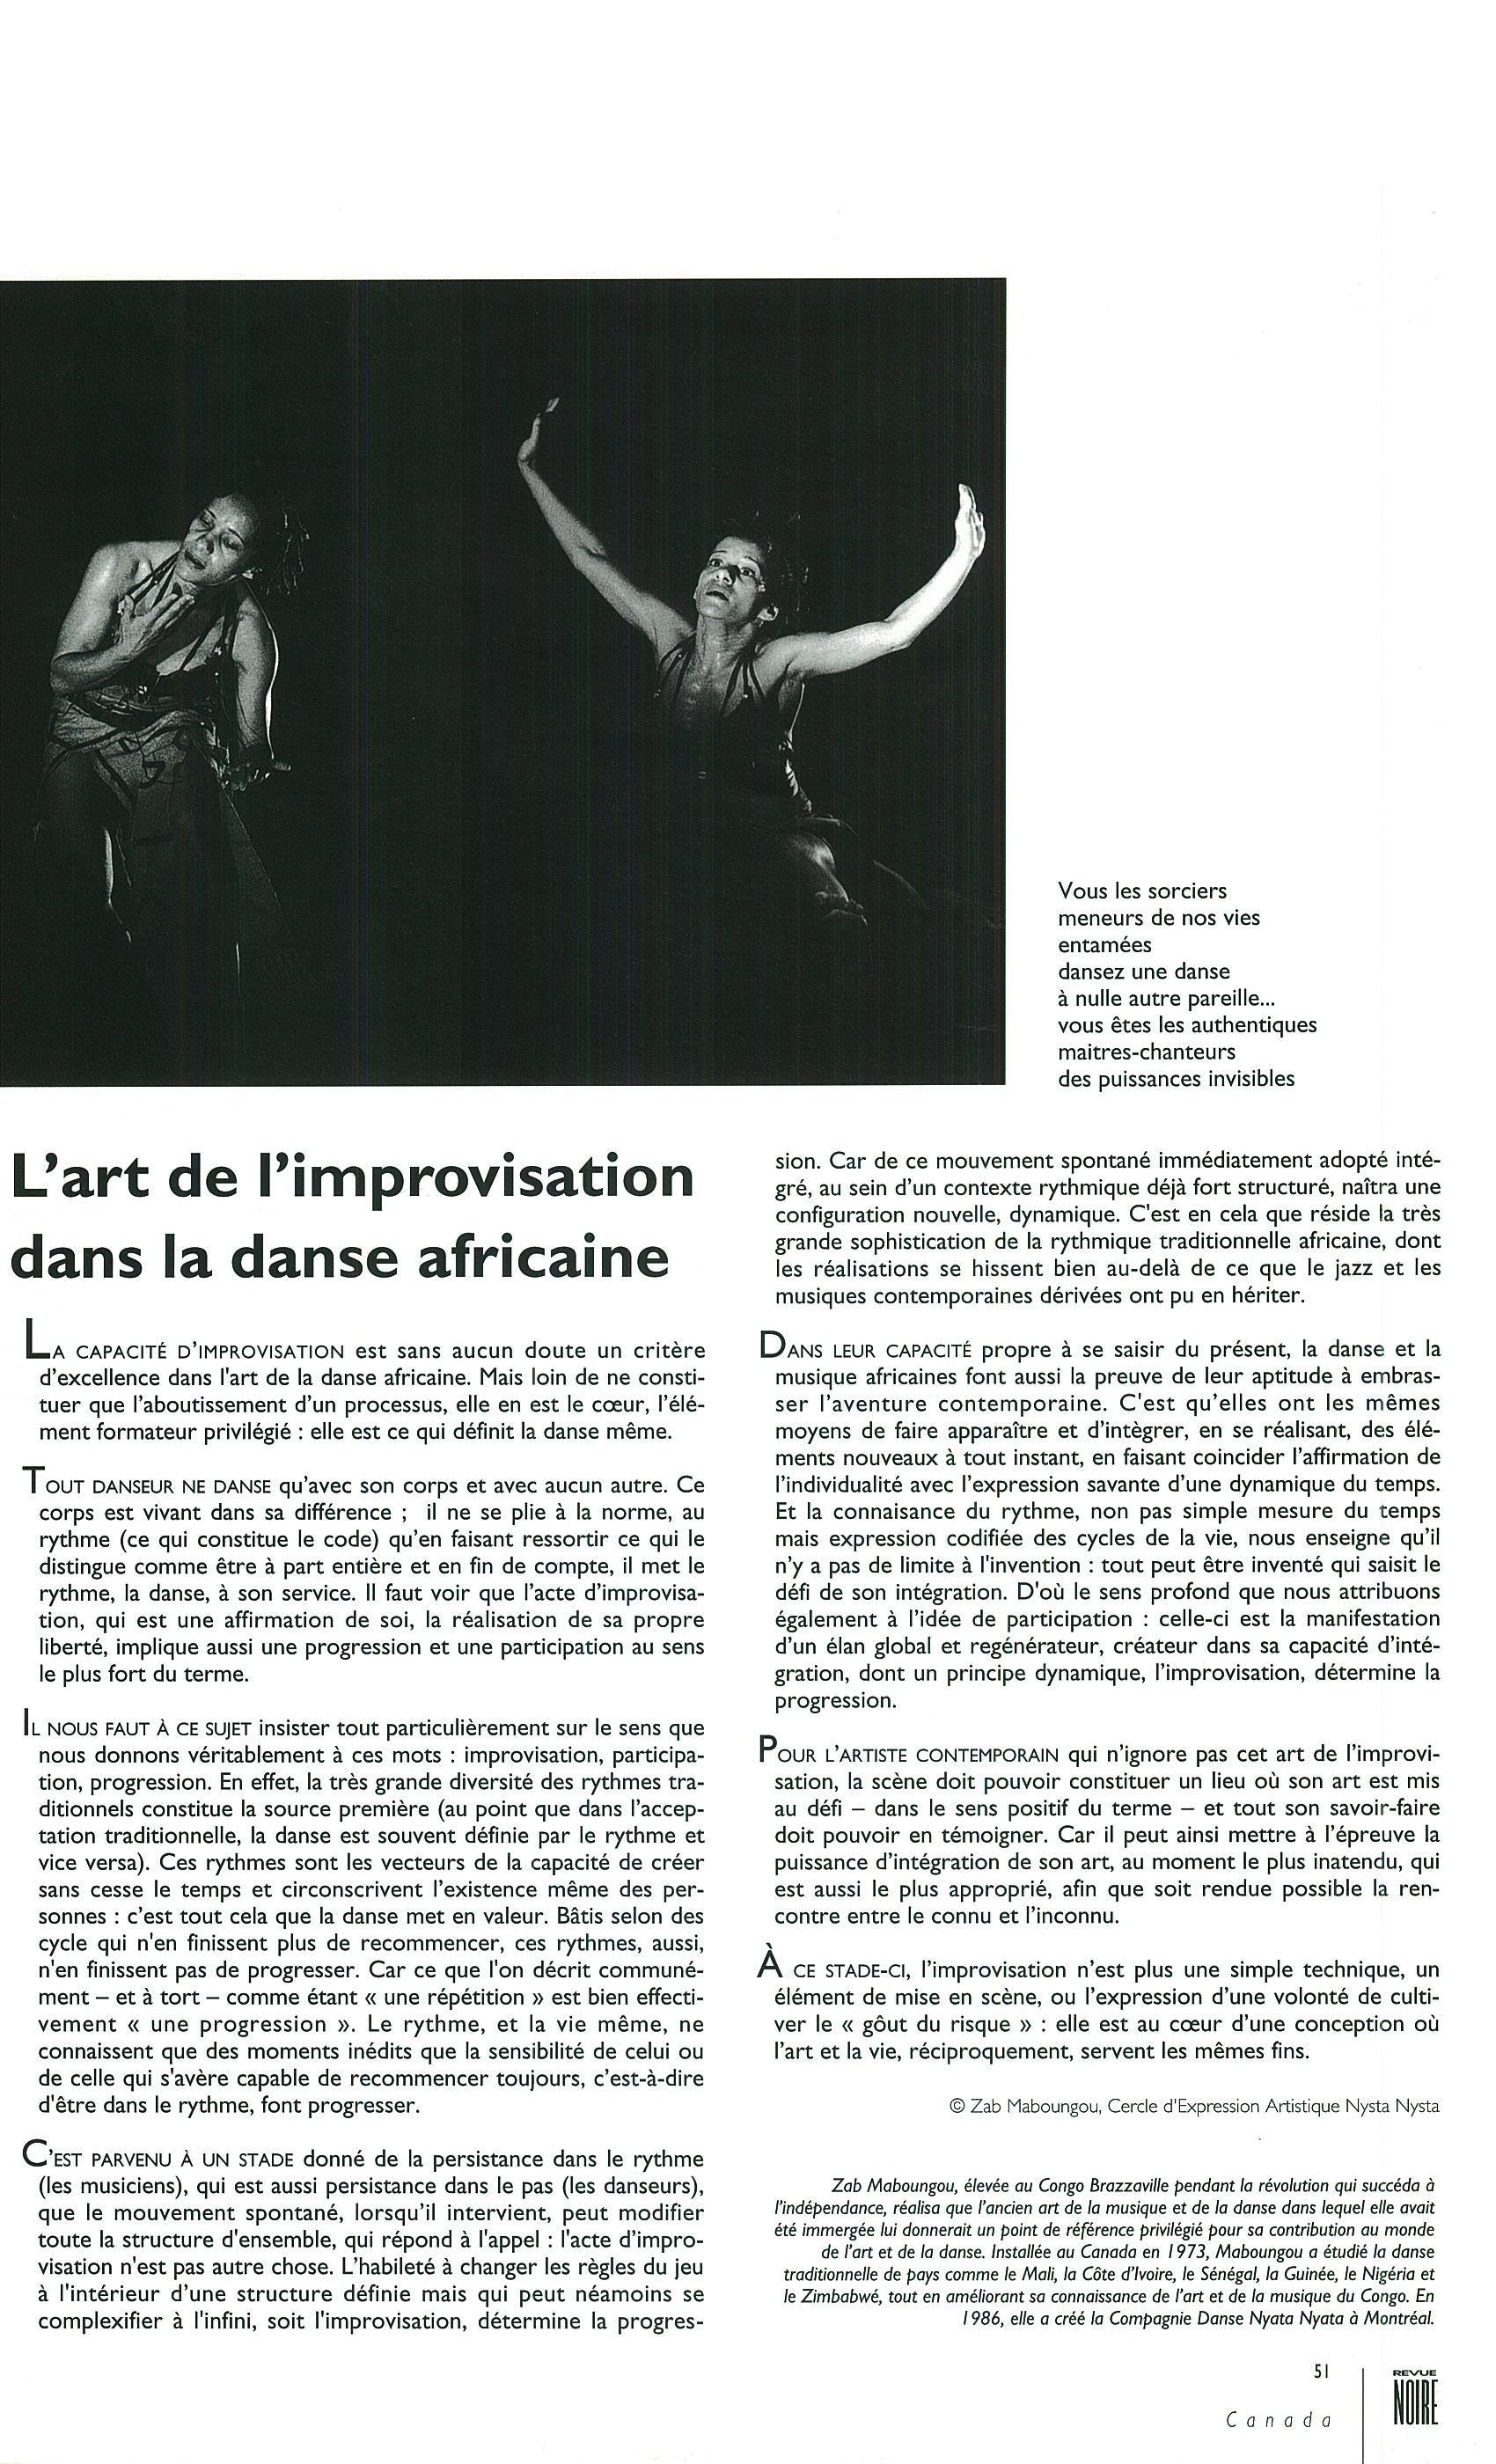 2. Revue Noire book_Page_053